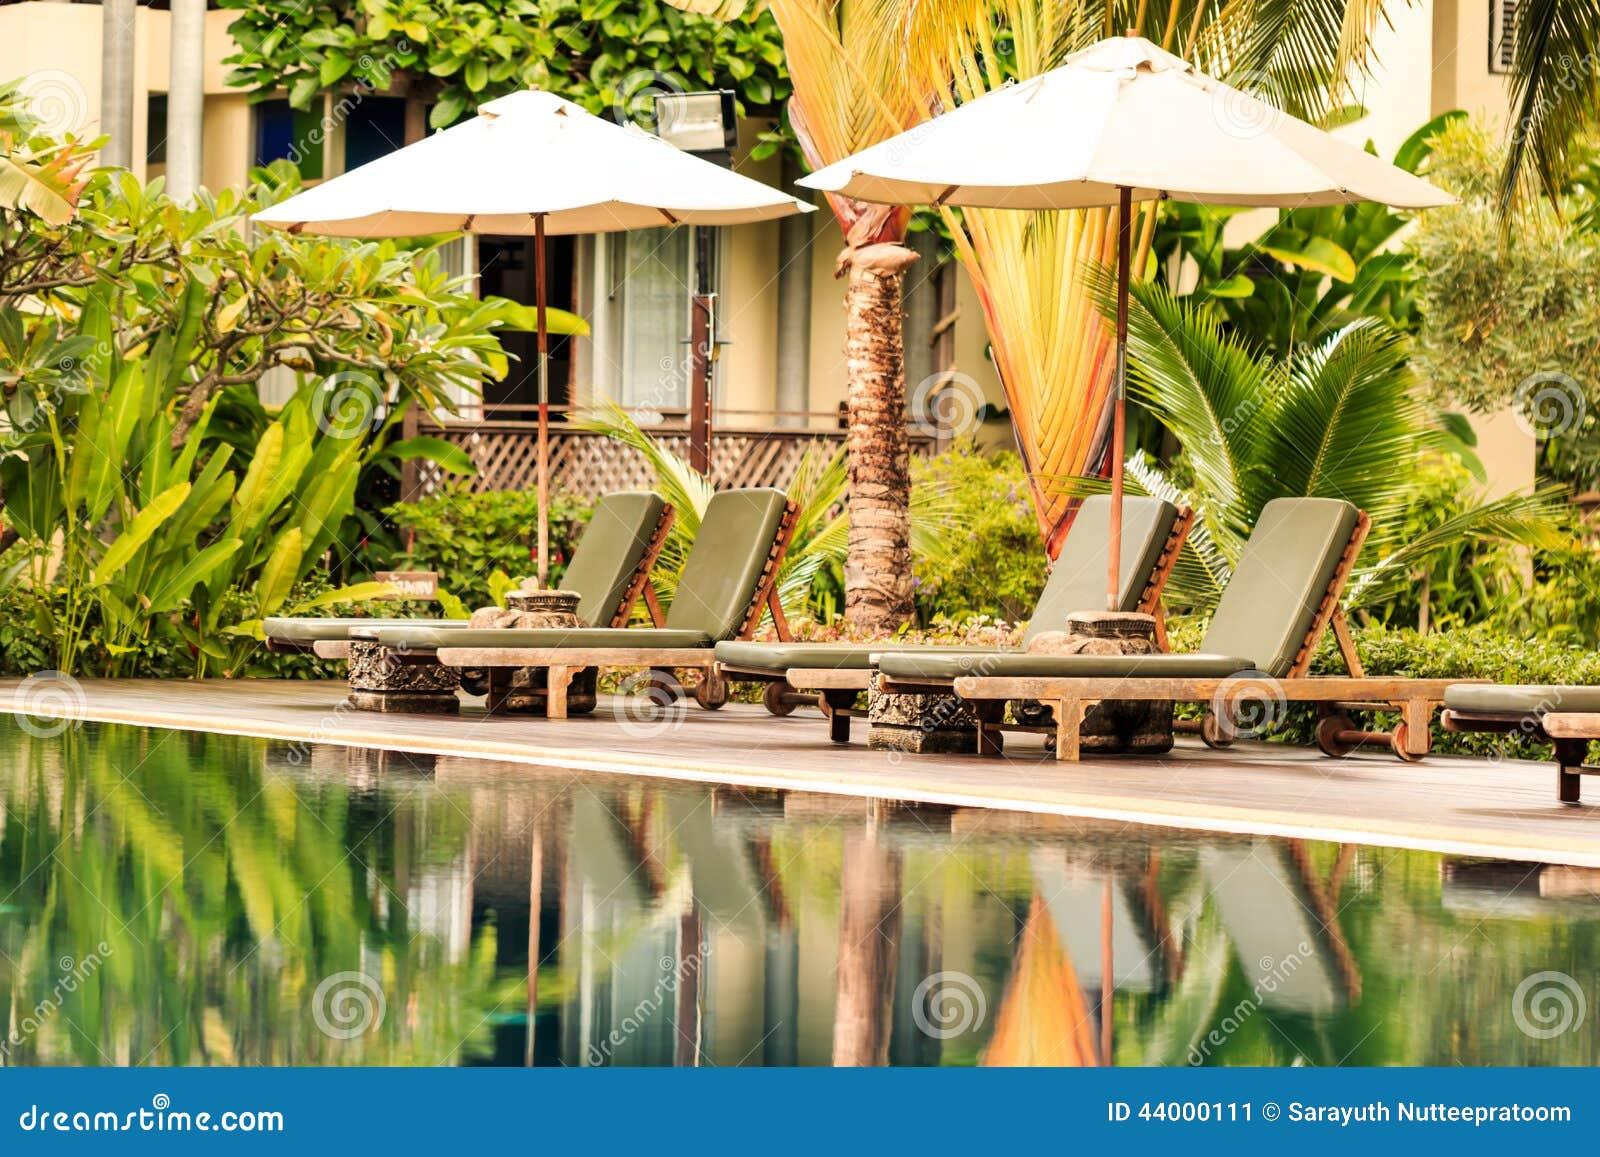 fotos de jardim tropical : fotos de jardim tropical:Foto de Stock: Piscina luxuoso em um jardim tropical